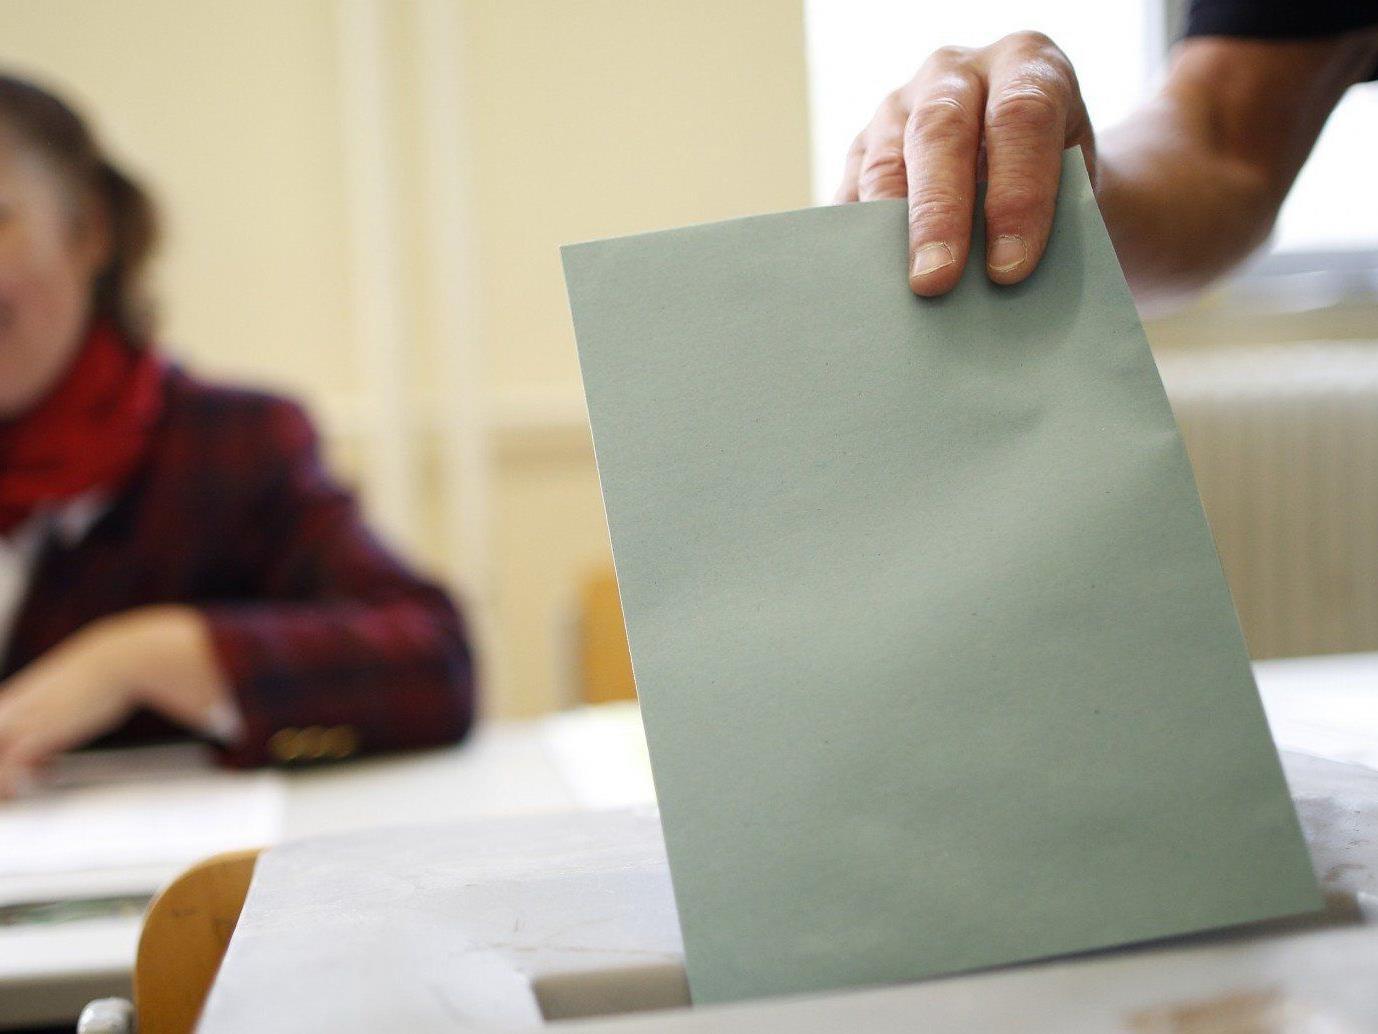 Insgesamt wurden nun zwölf Bundeslisten zur Nationalratswahl 2013 eingereicht.